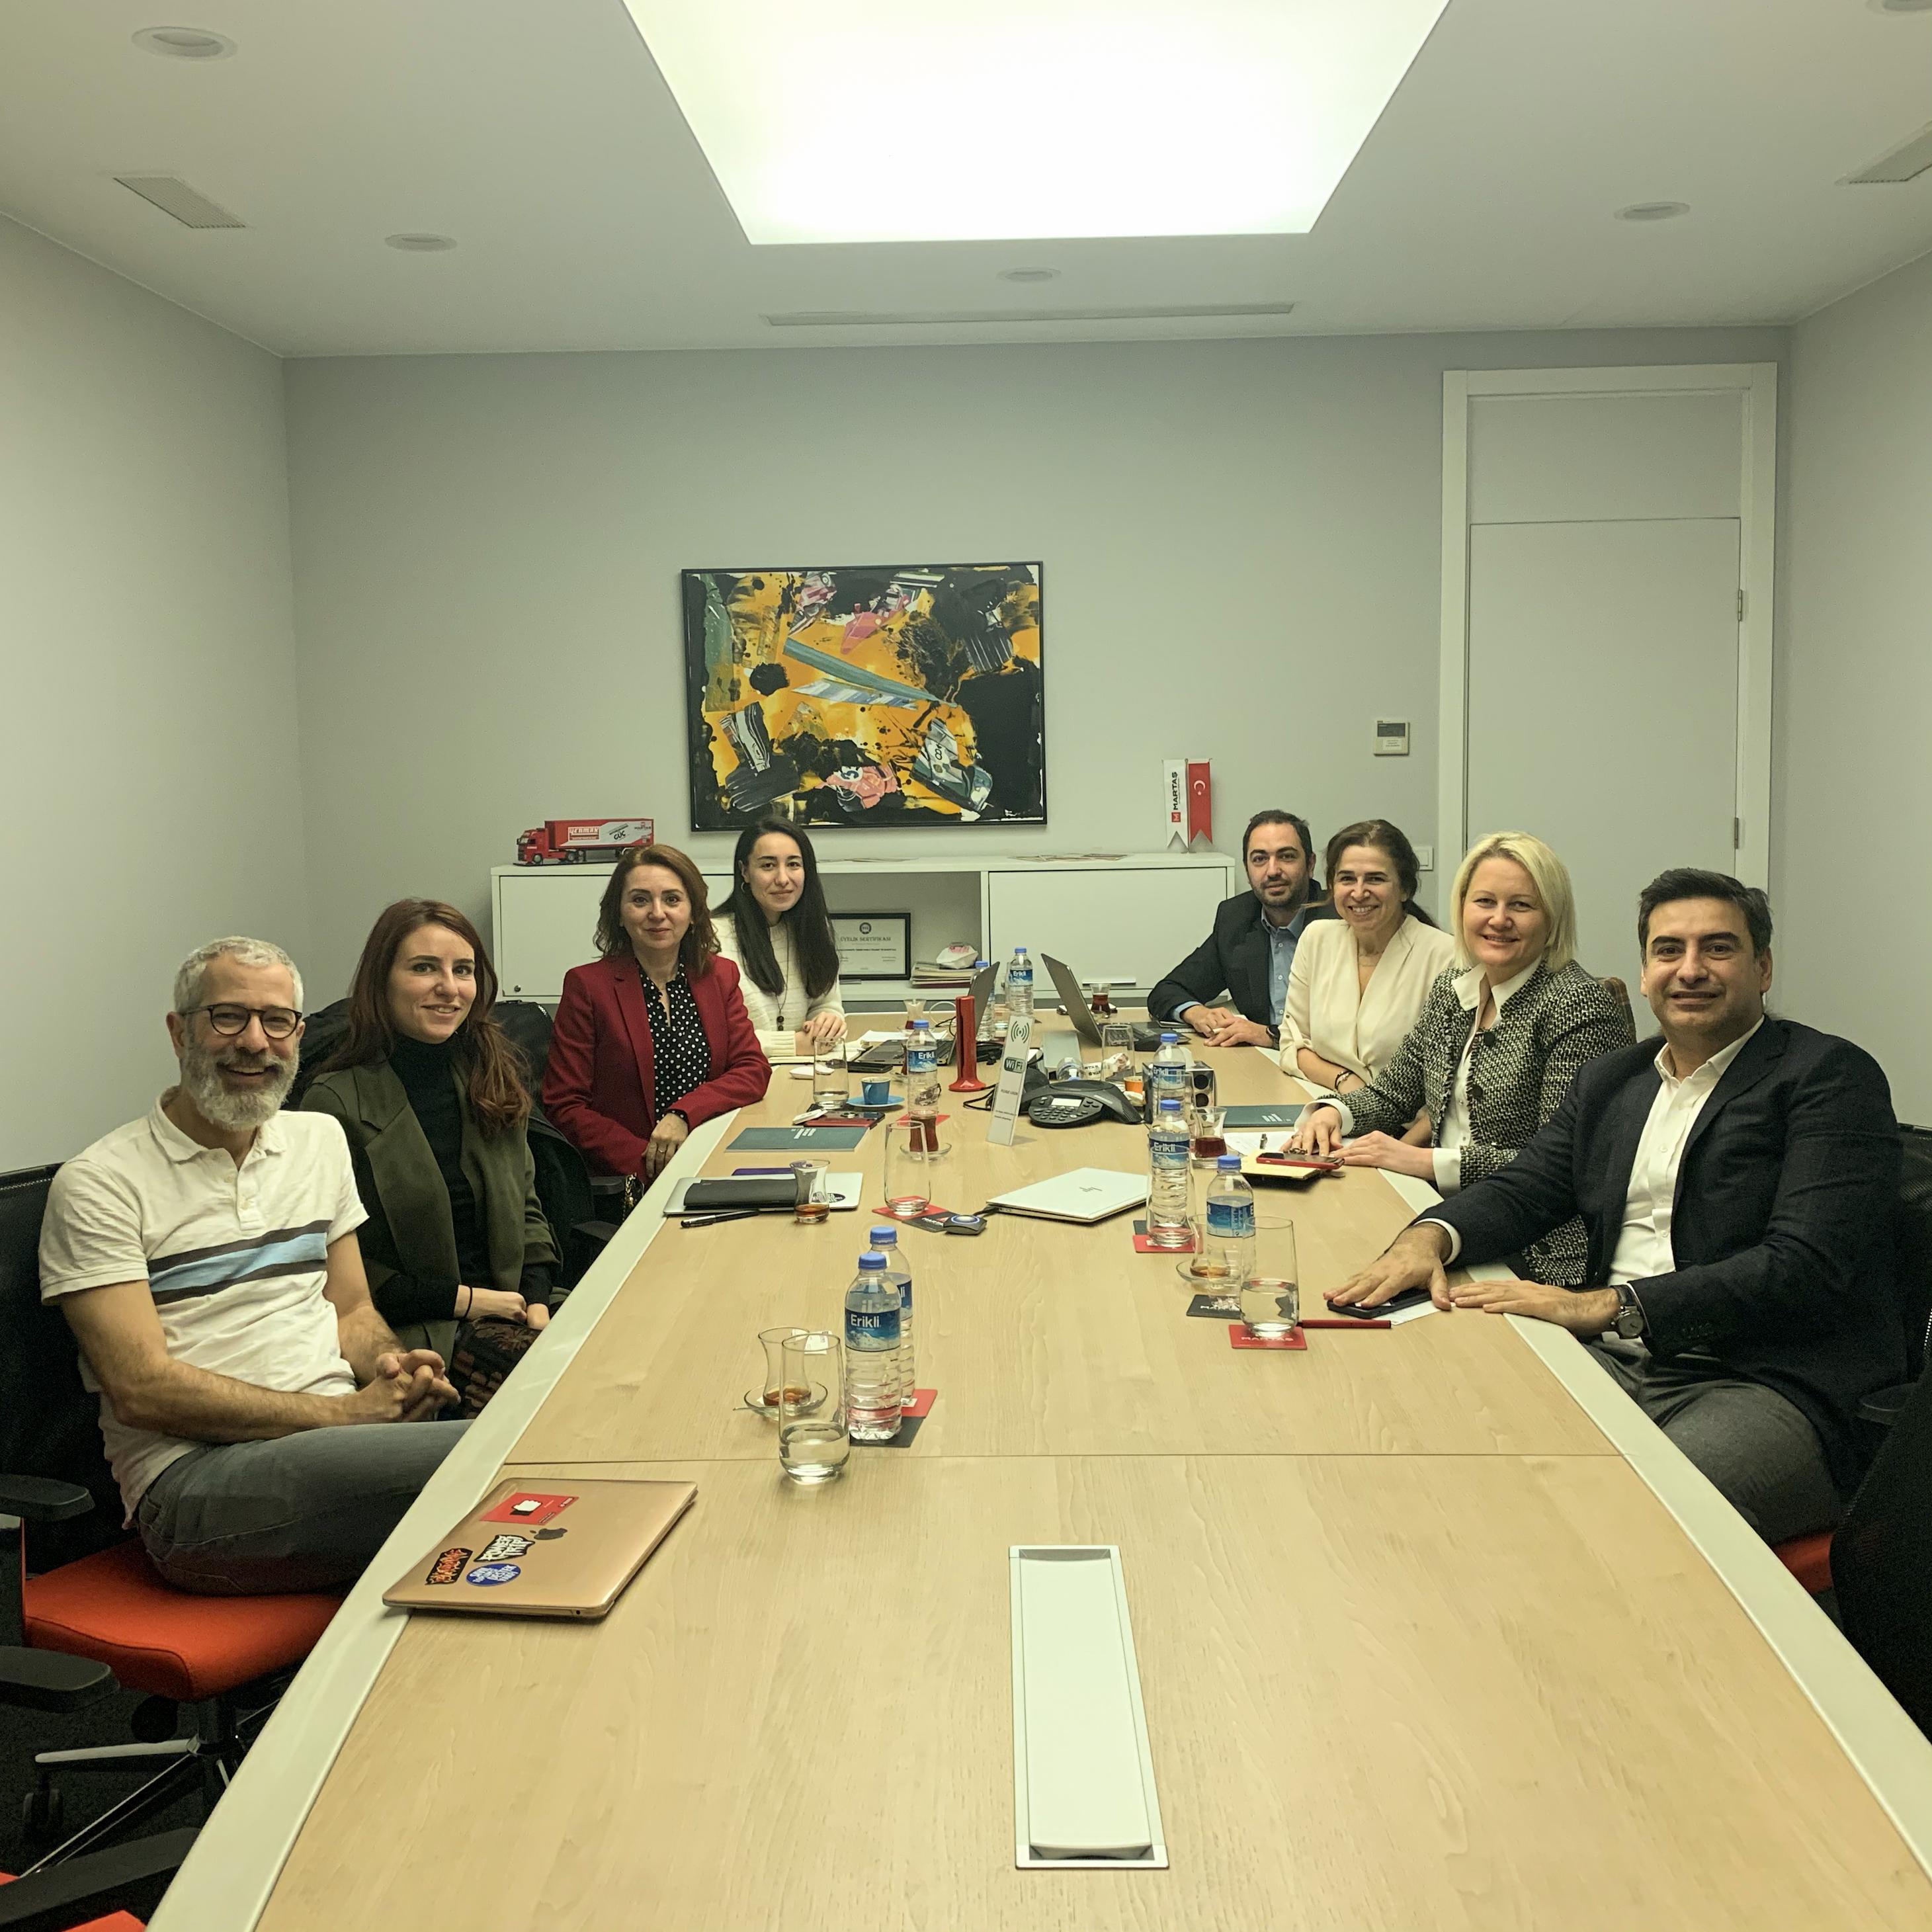 OSS Derneği'nden Sektördeki Kadın İstihdamı ve Etkinliğinin Arttırılmasına Yönelik Değerlendirme Toplantısı